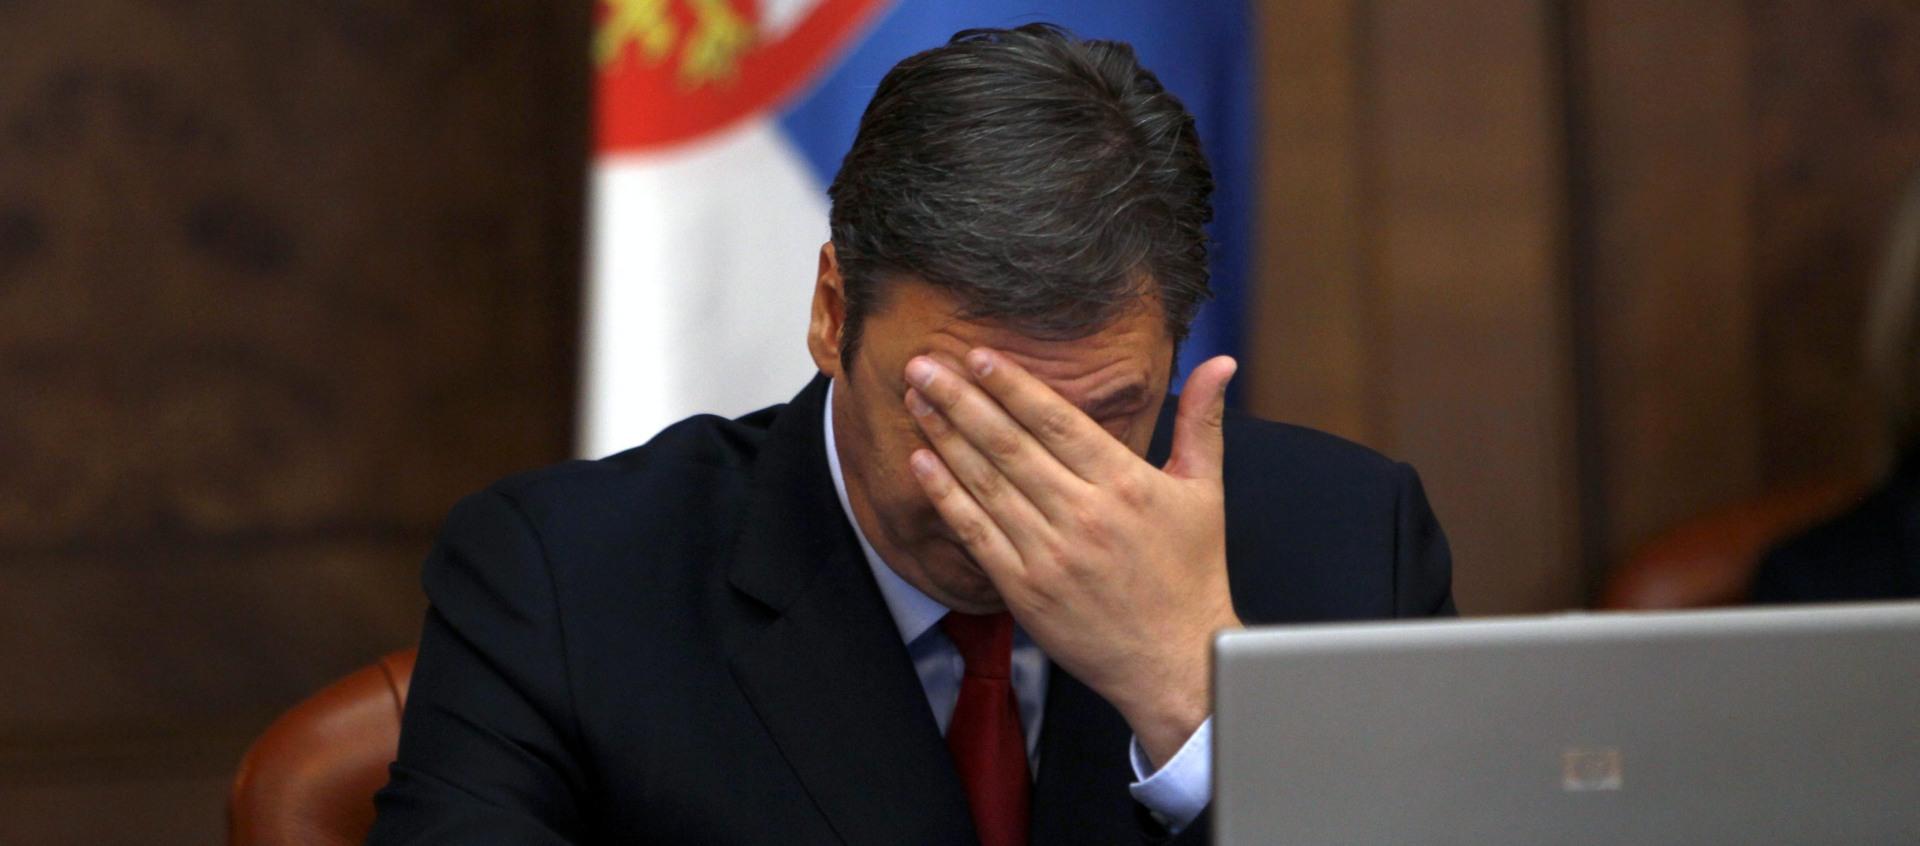 POLITIČKI SUKOBI Vučić: Strahujem zbog situacije u BiH i regionalne nestabilnosti